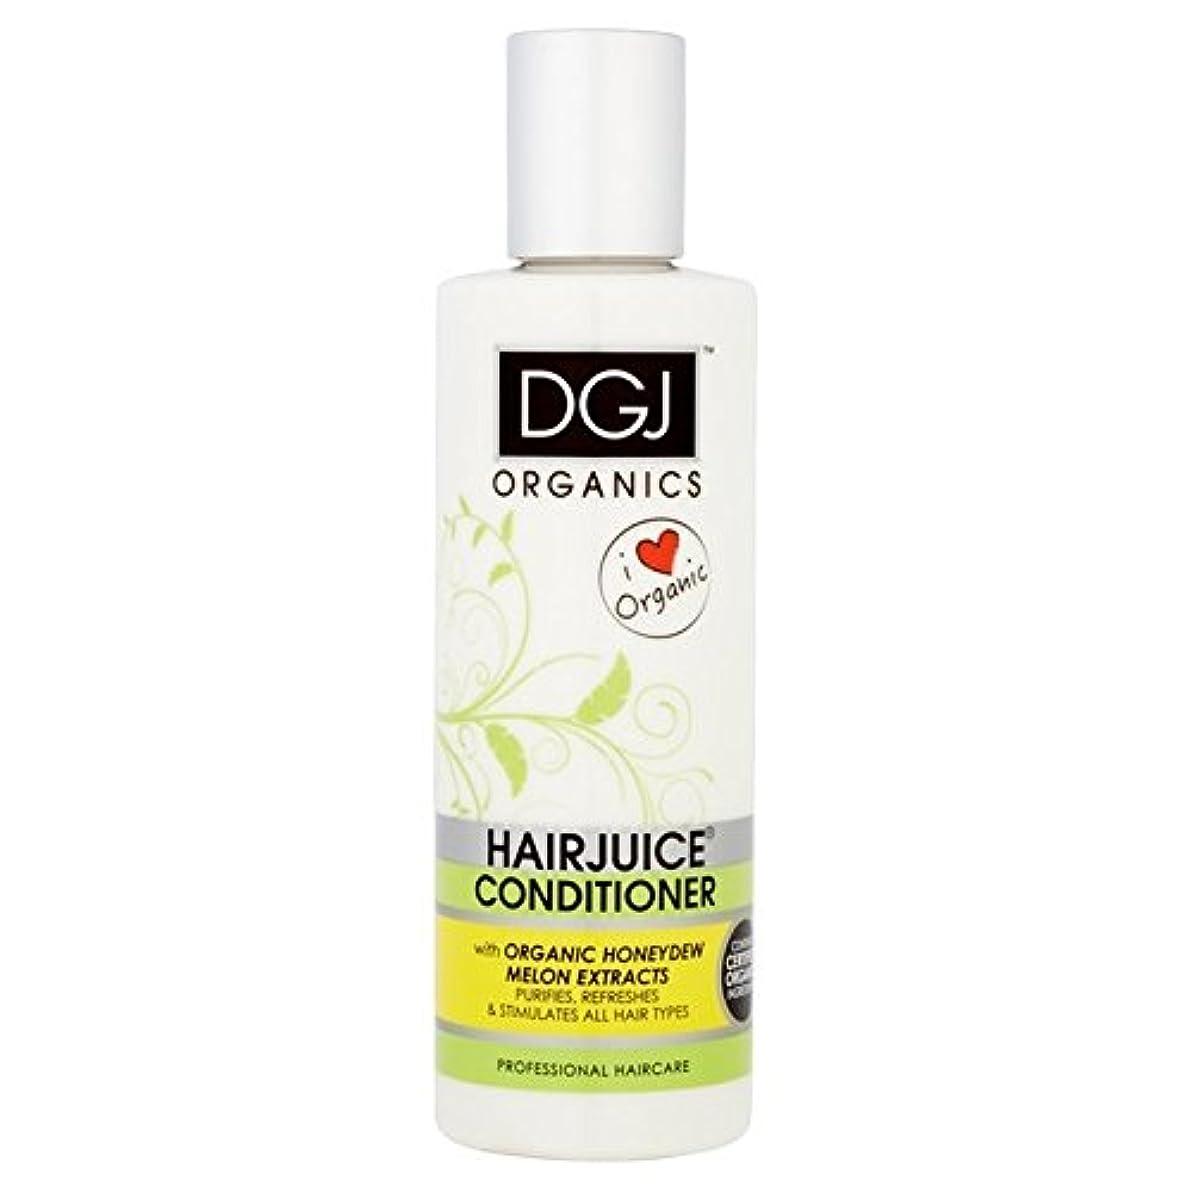 補正コロニーテープ有機メロンコンディショナー250 x4 - DGJ Organic Hairjuice Melon Conditioner 250ml (Pack of 4) [並行輸入品]